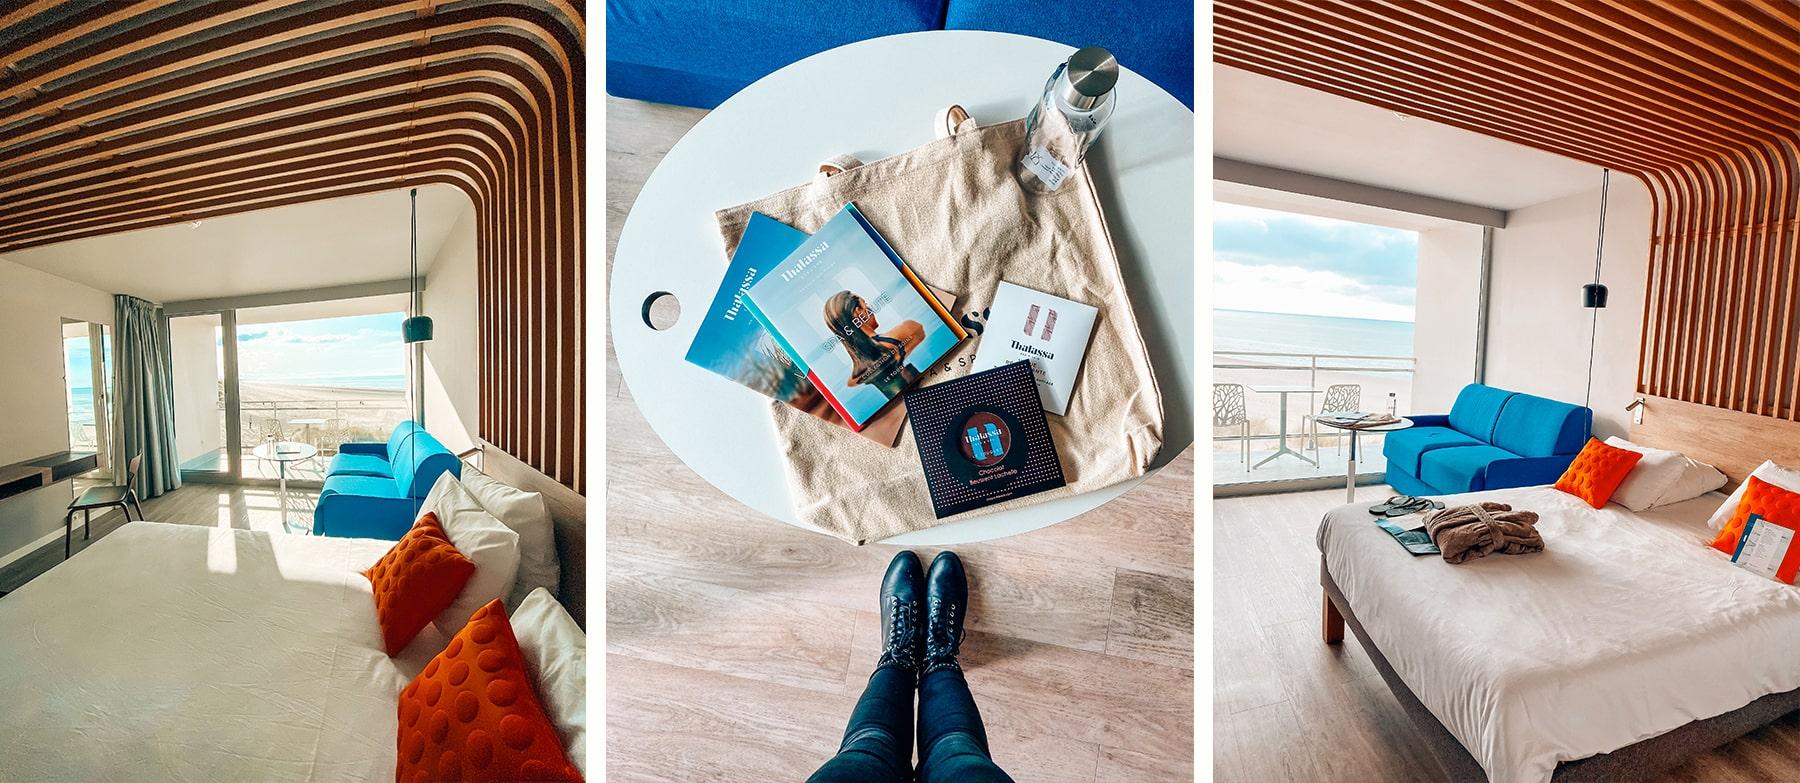 thalasso le touquet novotel chambre hotel